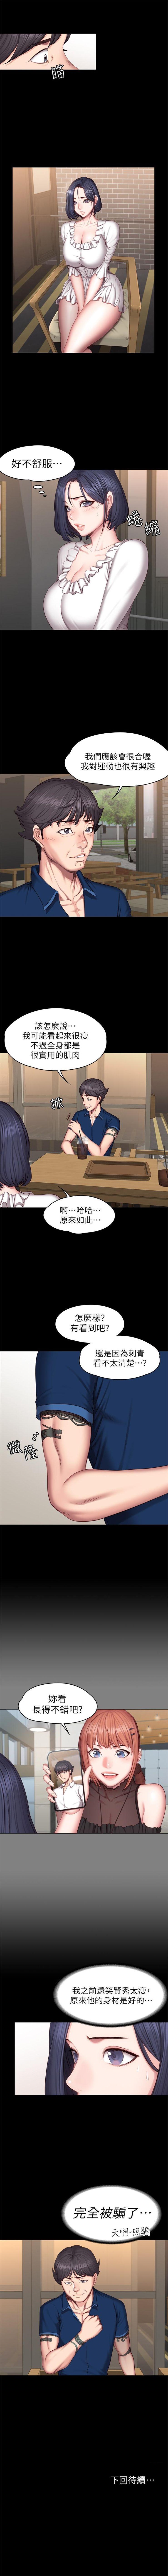 健身教練 1-56 官方中文(連載中) 303